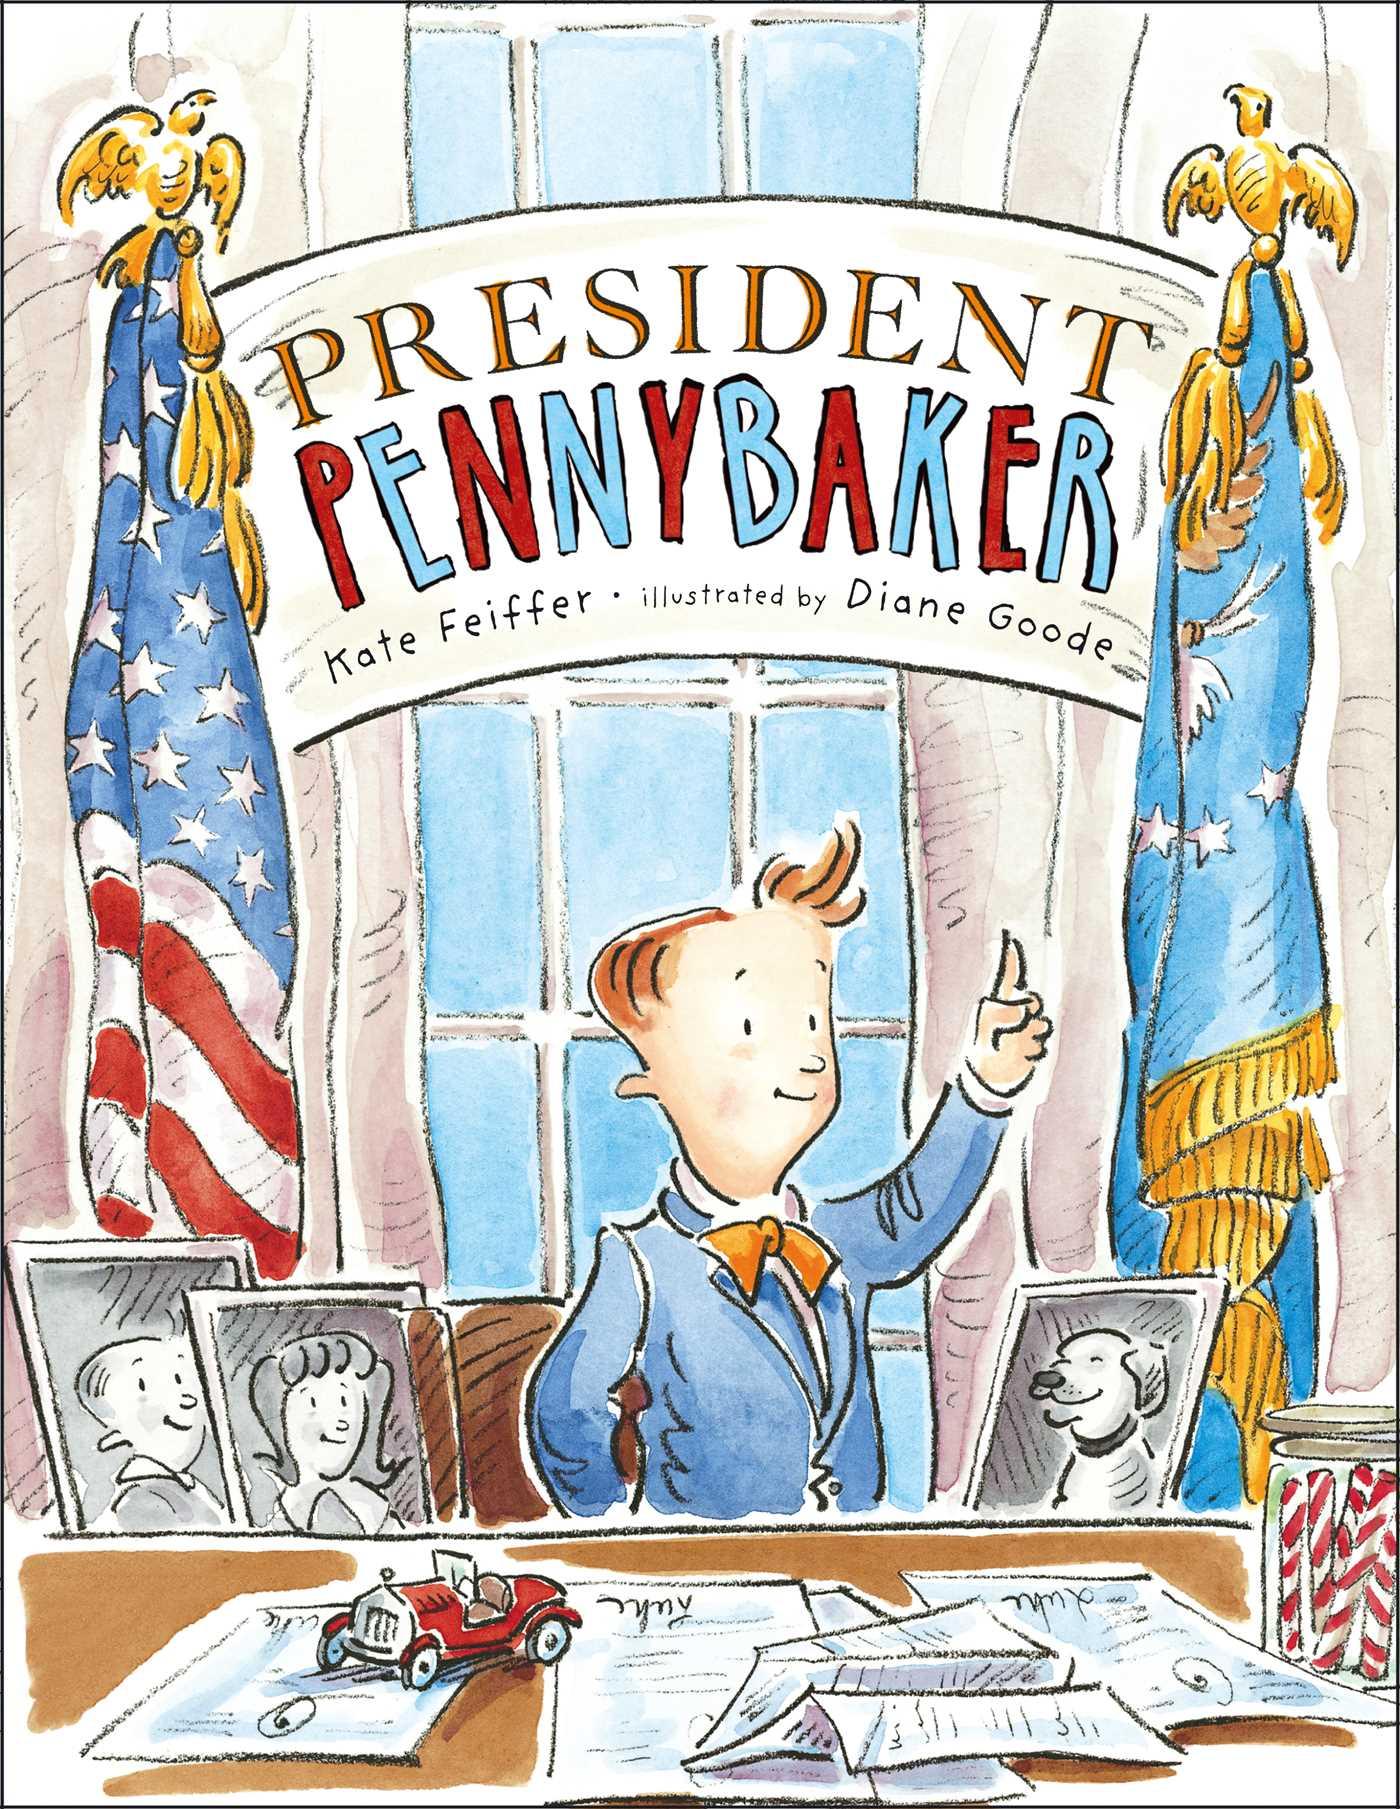 President pennybaker 9781416964773 hr